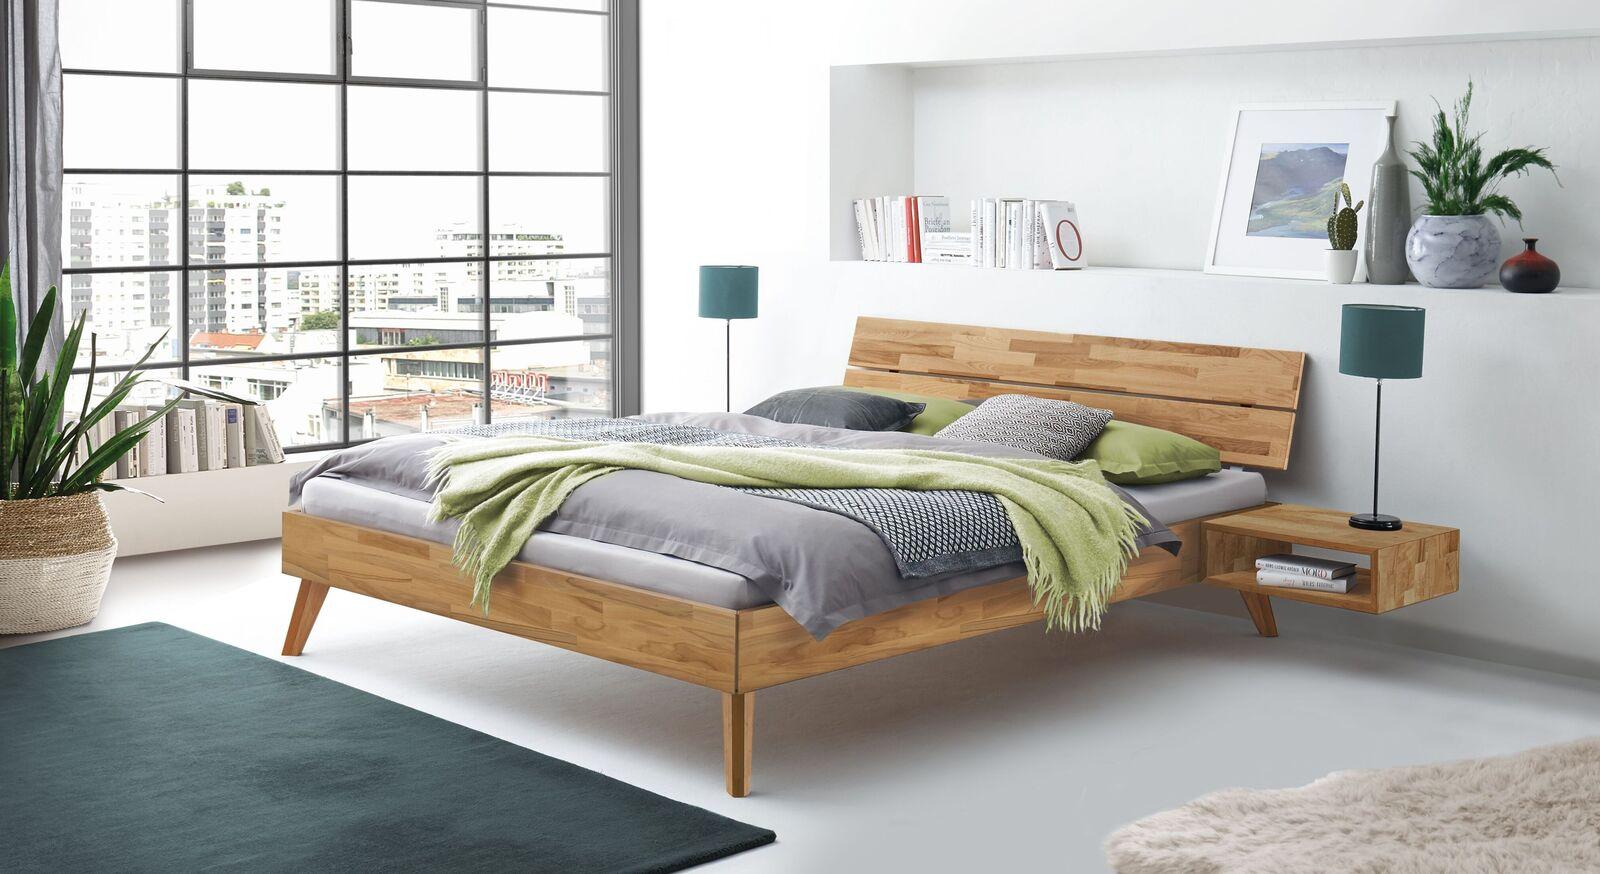 Bett Pikosa mit passendem Nachttisch